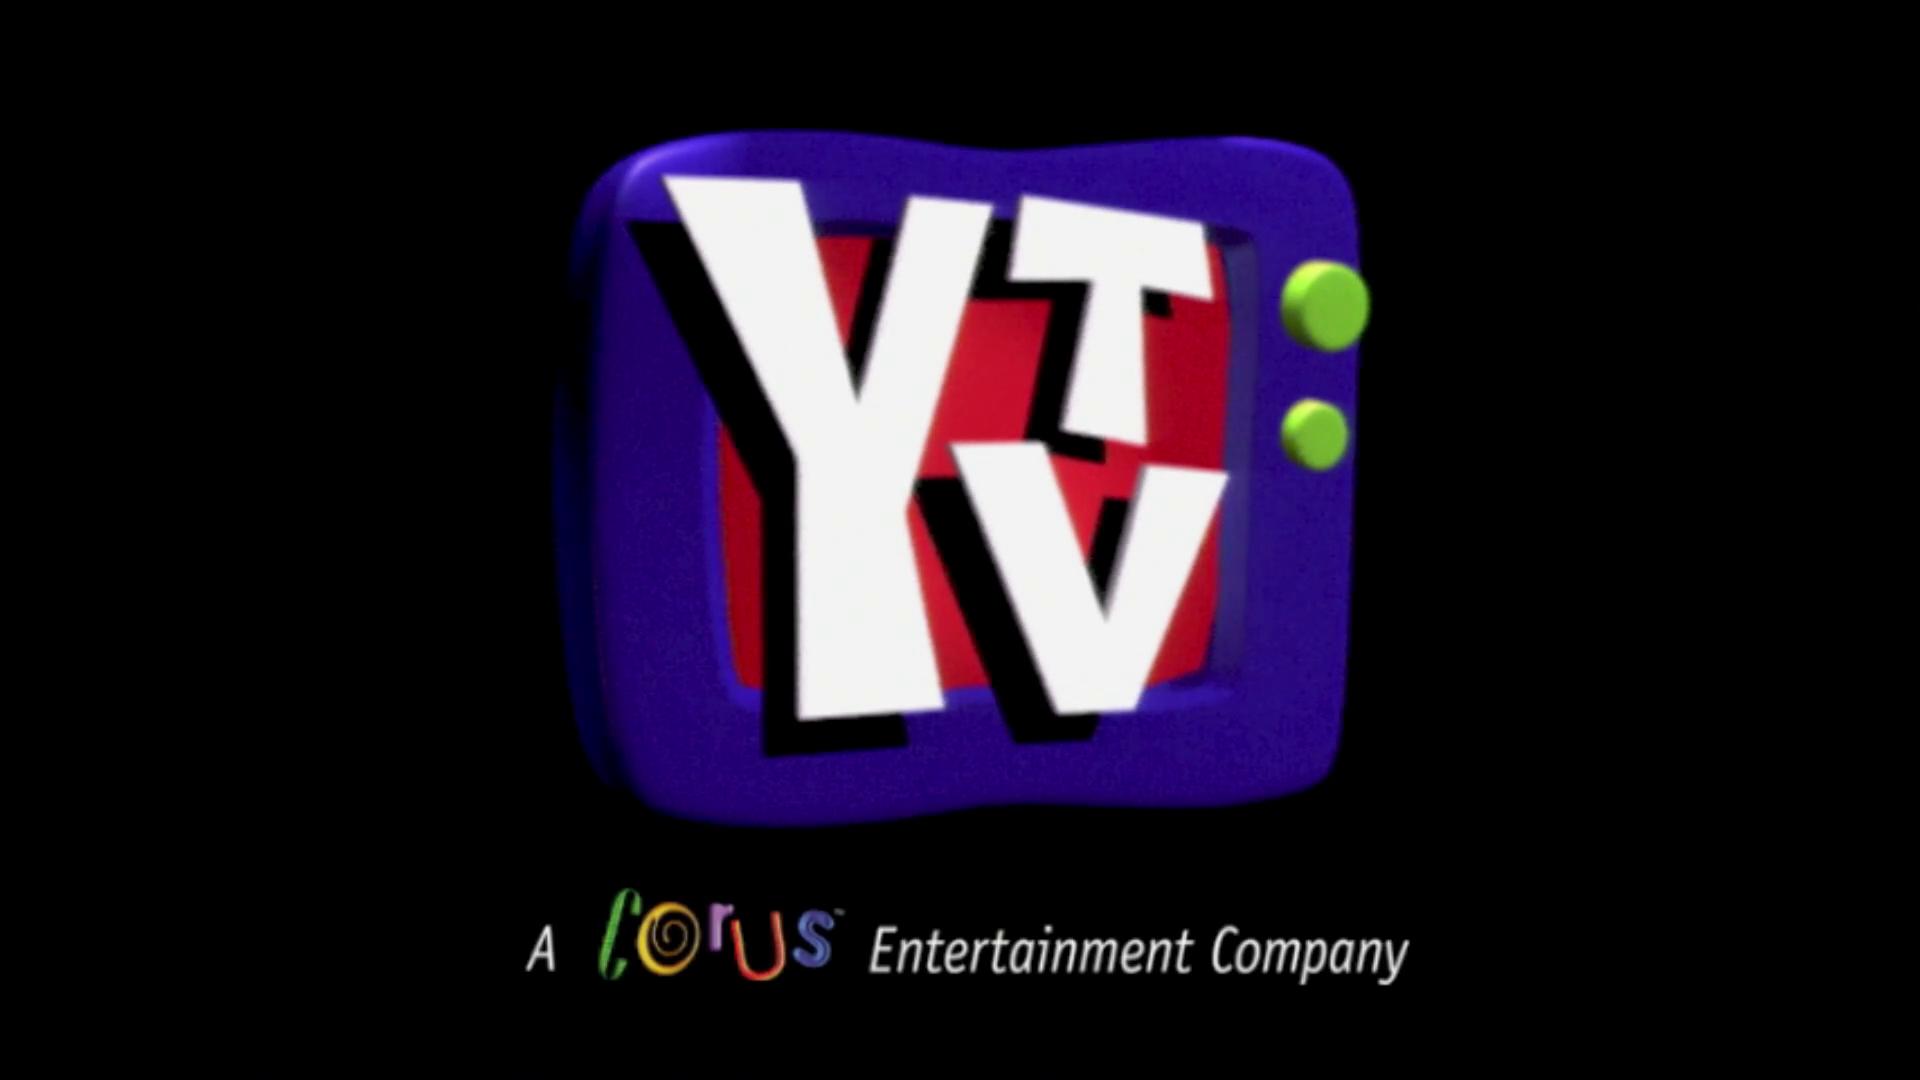 Ytv Logopedia Image - YTV 1995.png -...